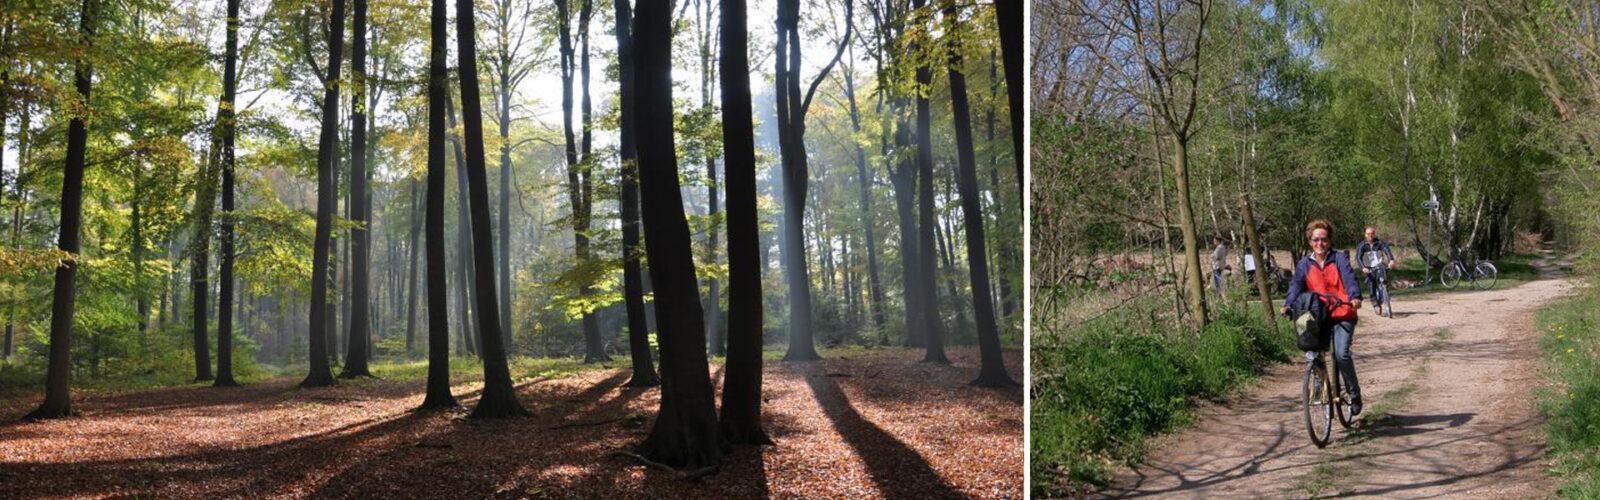 In den Sattel, fertig, los: 3 Fahrradtouren durch den herbstlichen Naturpark Barnim